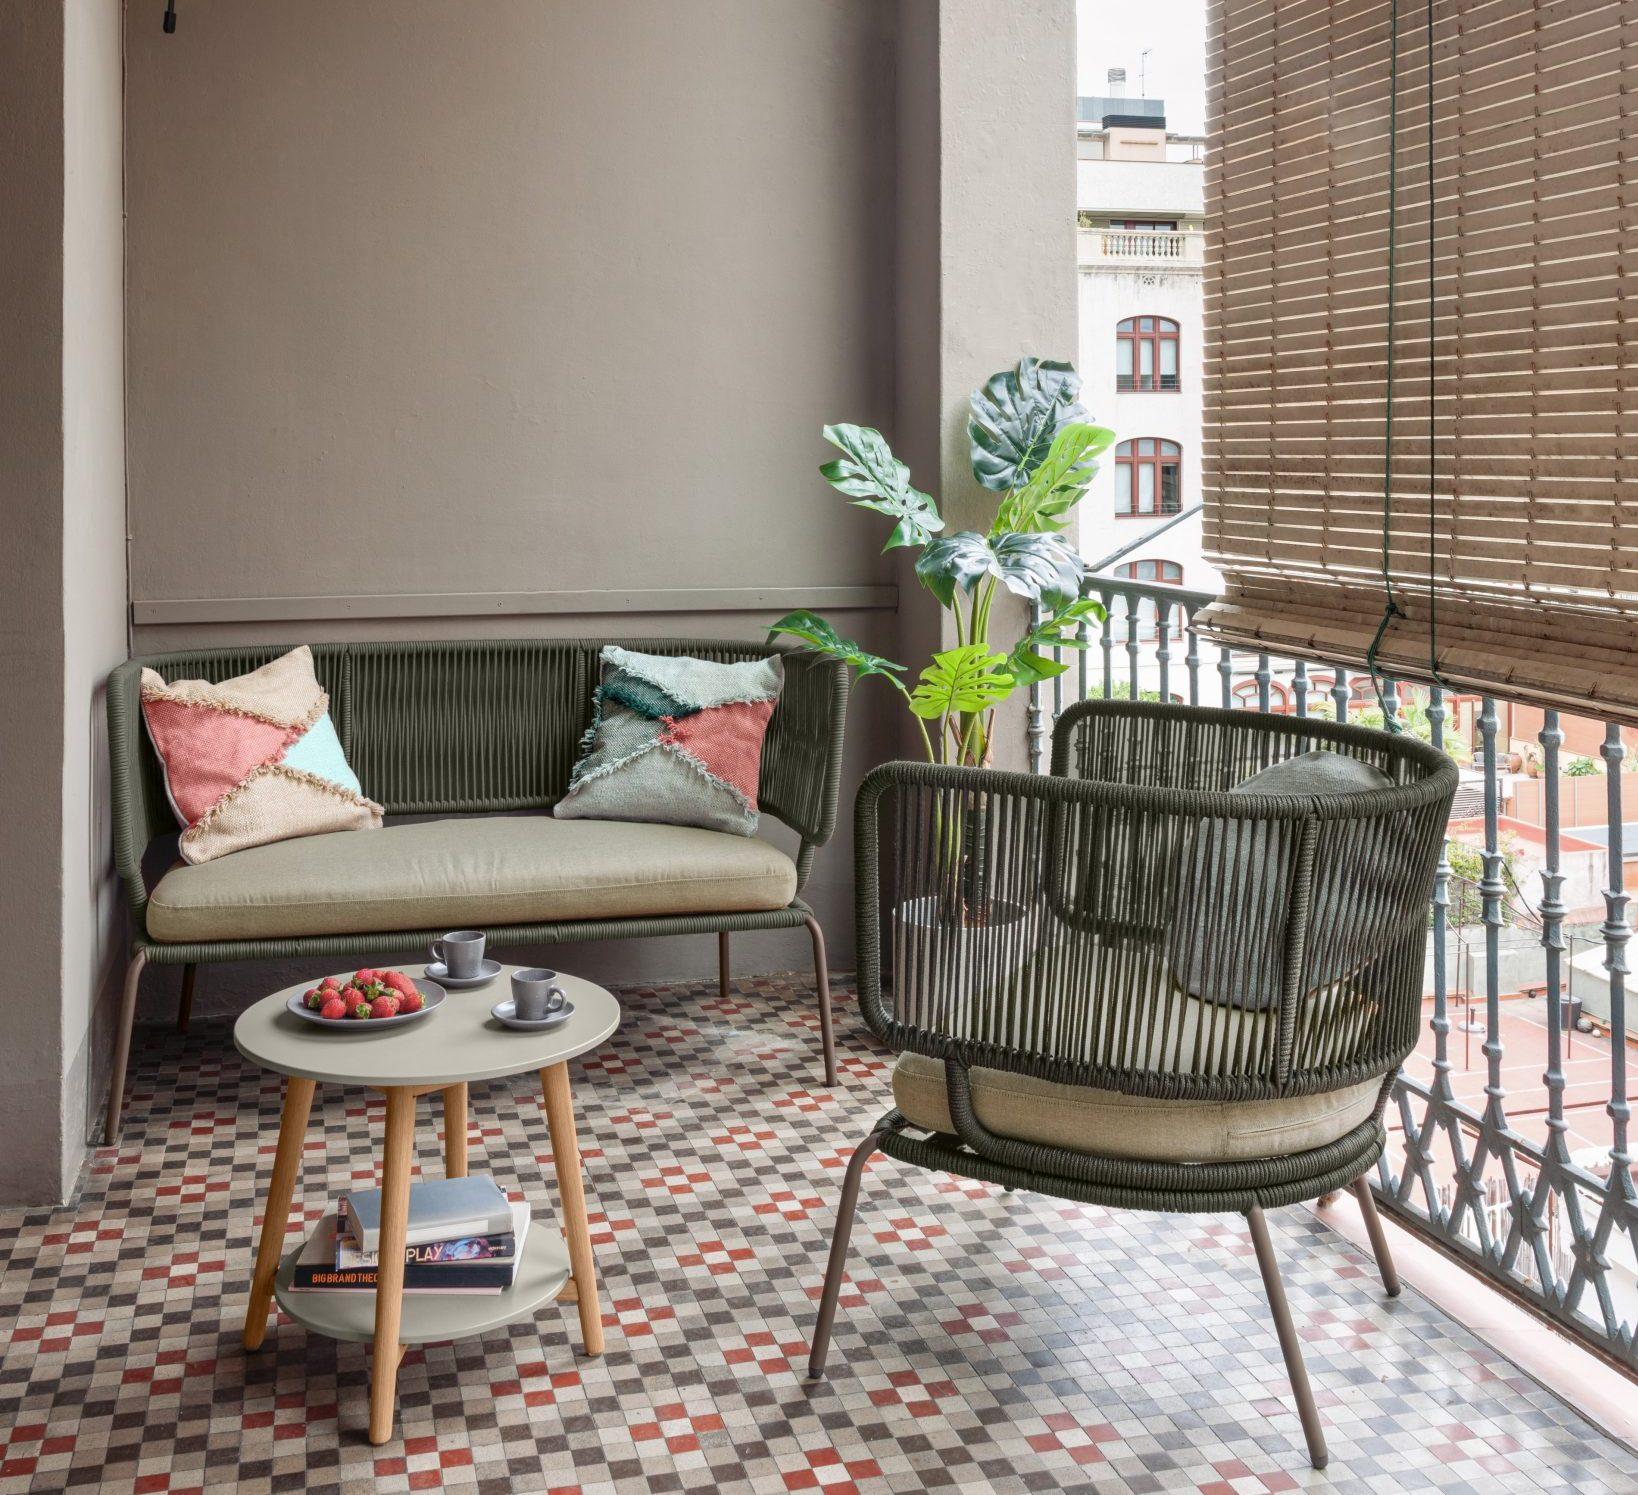 kave home collection city lovers décoration extérieur terrasses balcon soleil 1